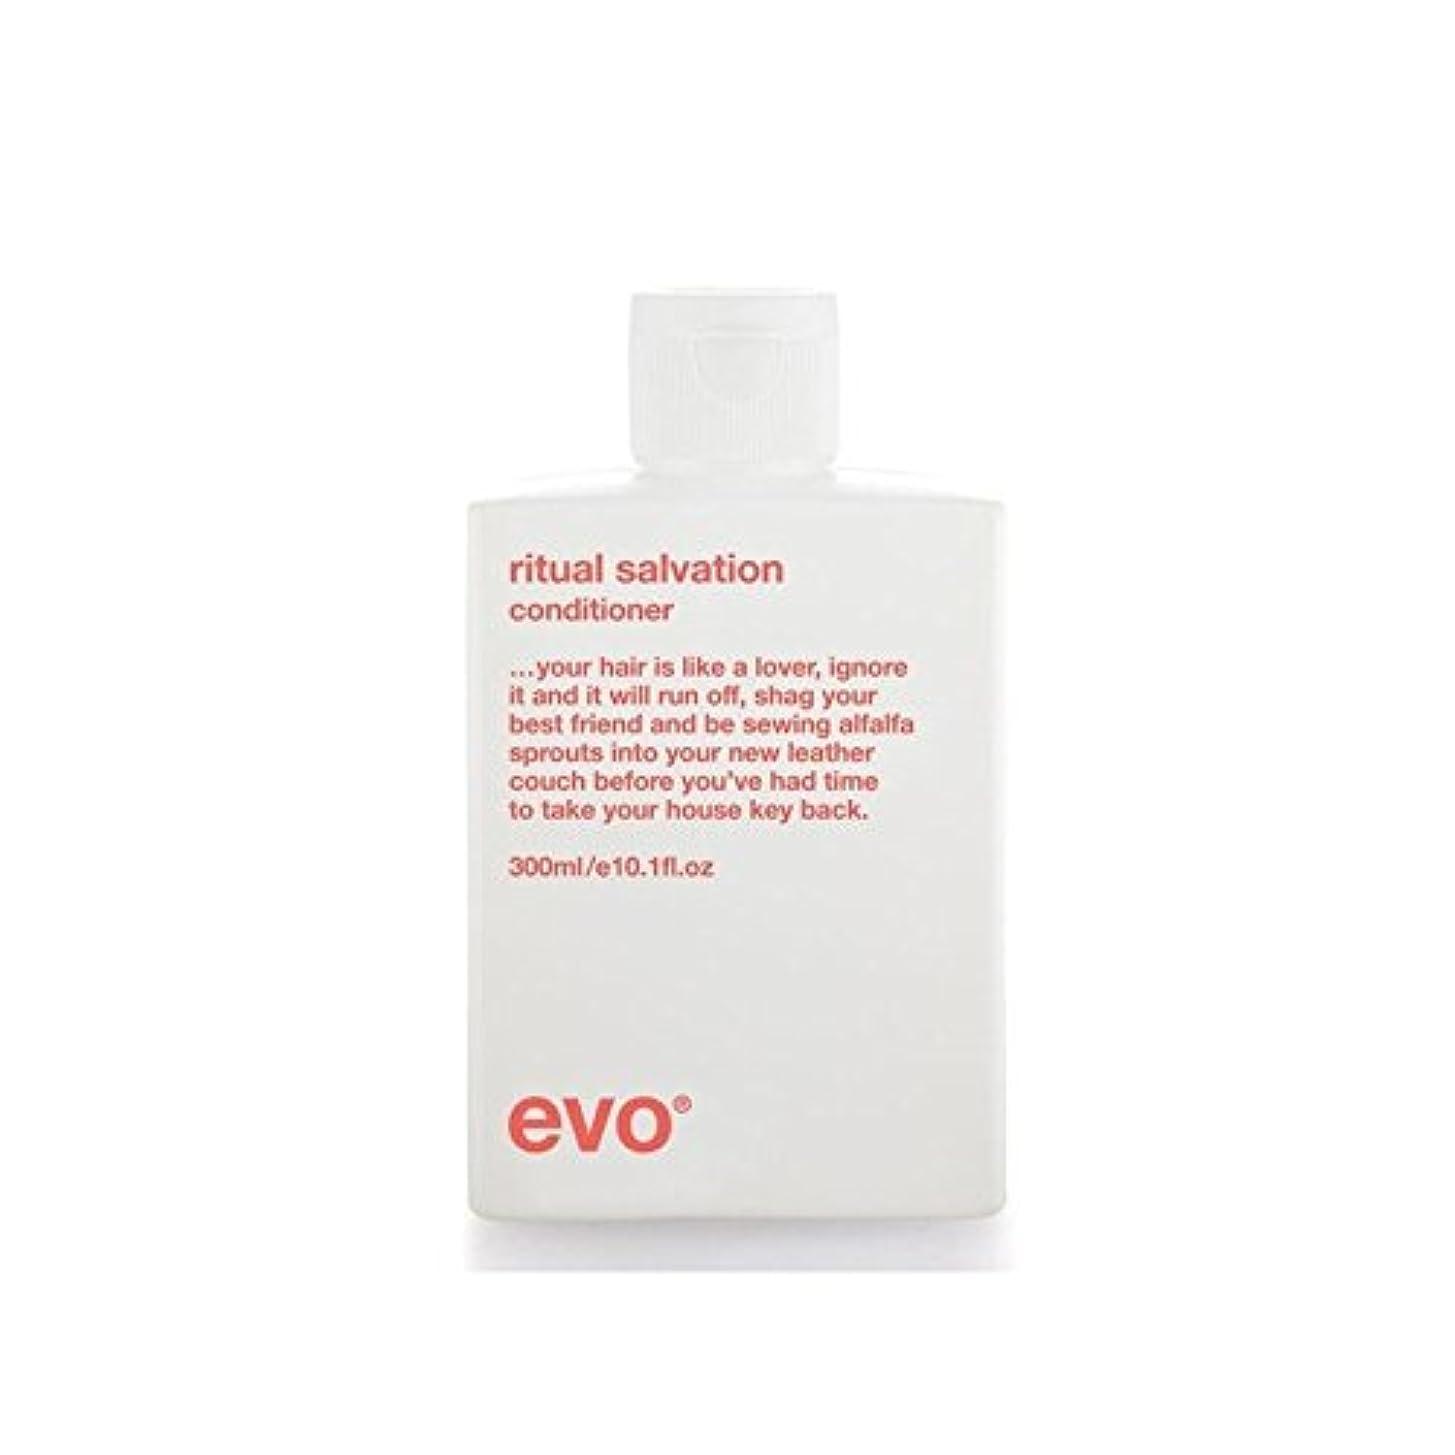 儀式救いコンディショナー(300ミリリットル) x2 - Evo Ritual Salvation Conditioner (300ml) (Pack of 2) [並行輸入品]